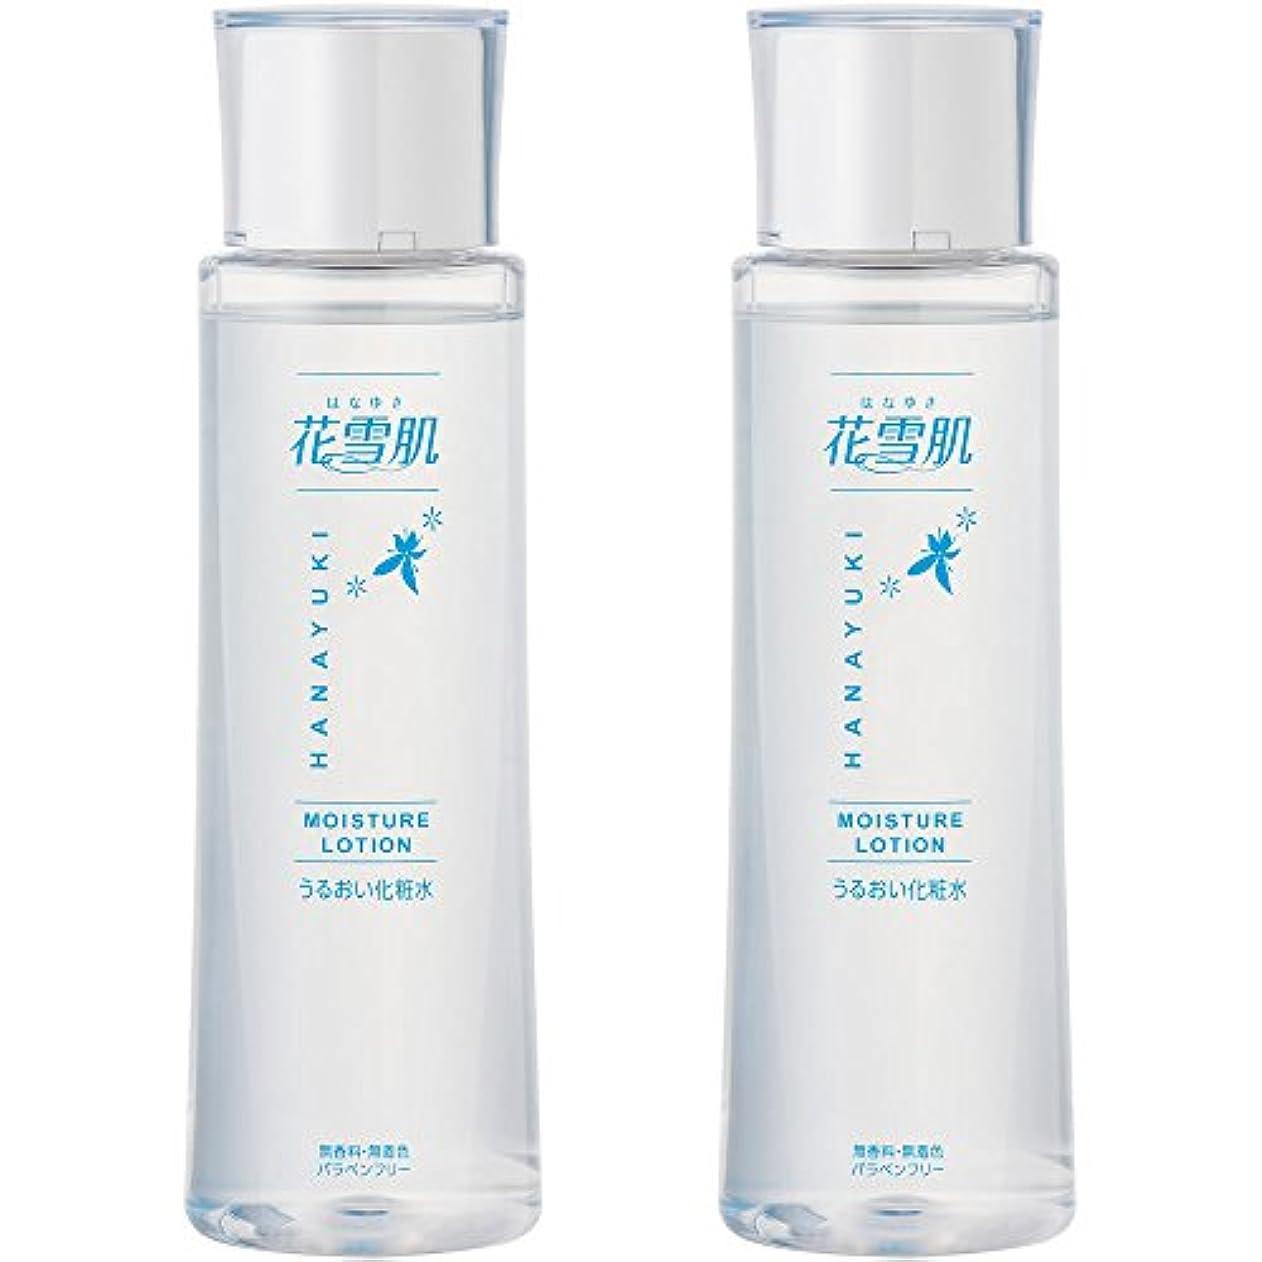 拮抗服決めます花雪肌 うるおい化粧水 (200ml × 2本セット) [10種類の美容液成分を配合] ヒアルロン酸 コラーゲン